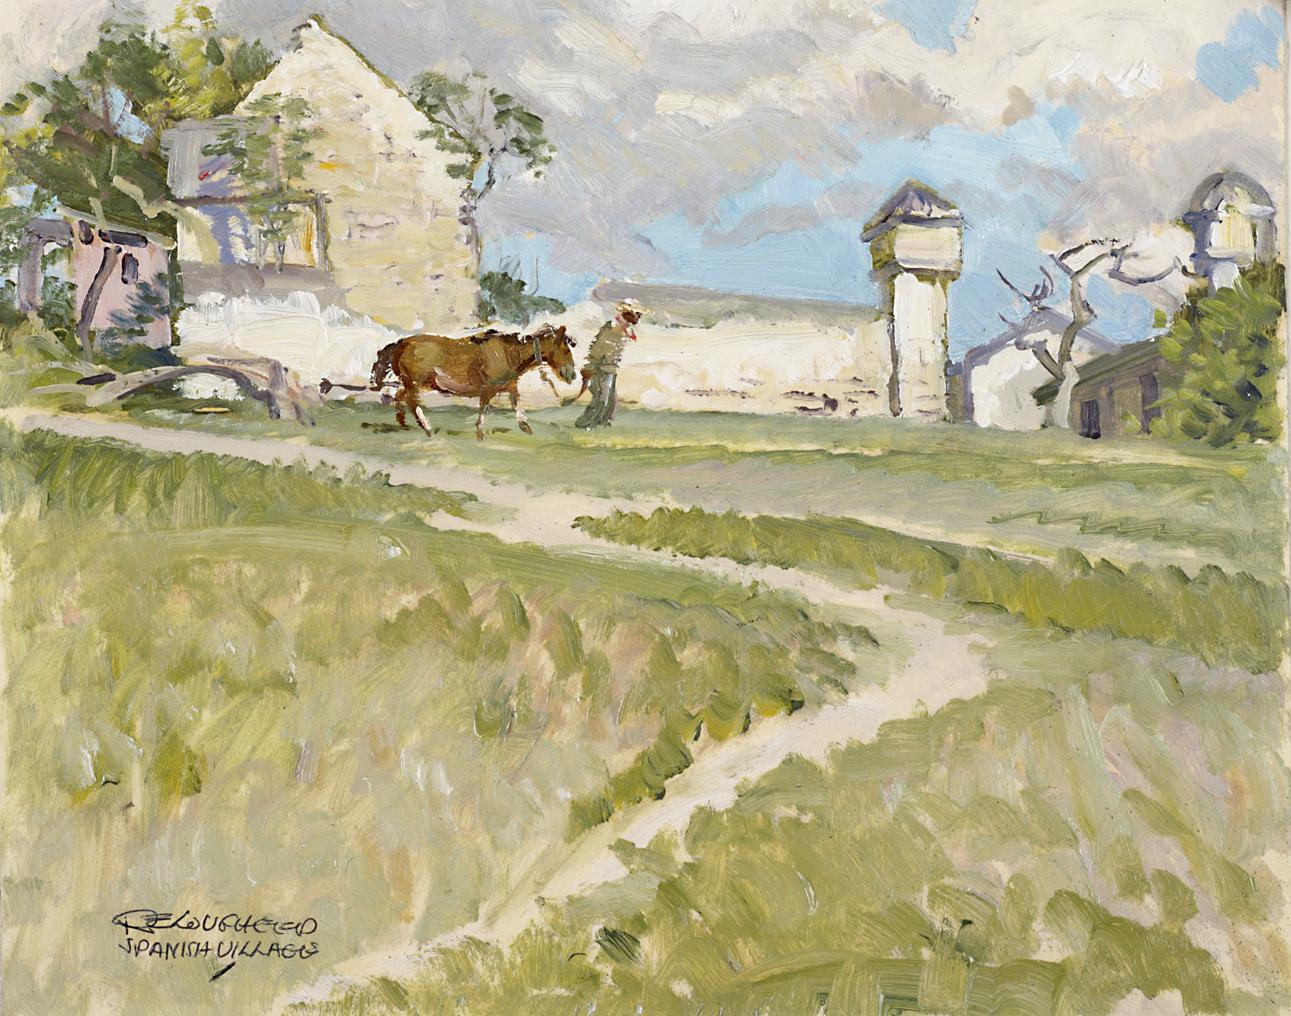 Spanish Village - St.... by  Robert Lougheed - Masterpiece Online